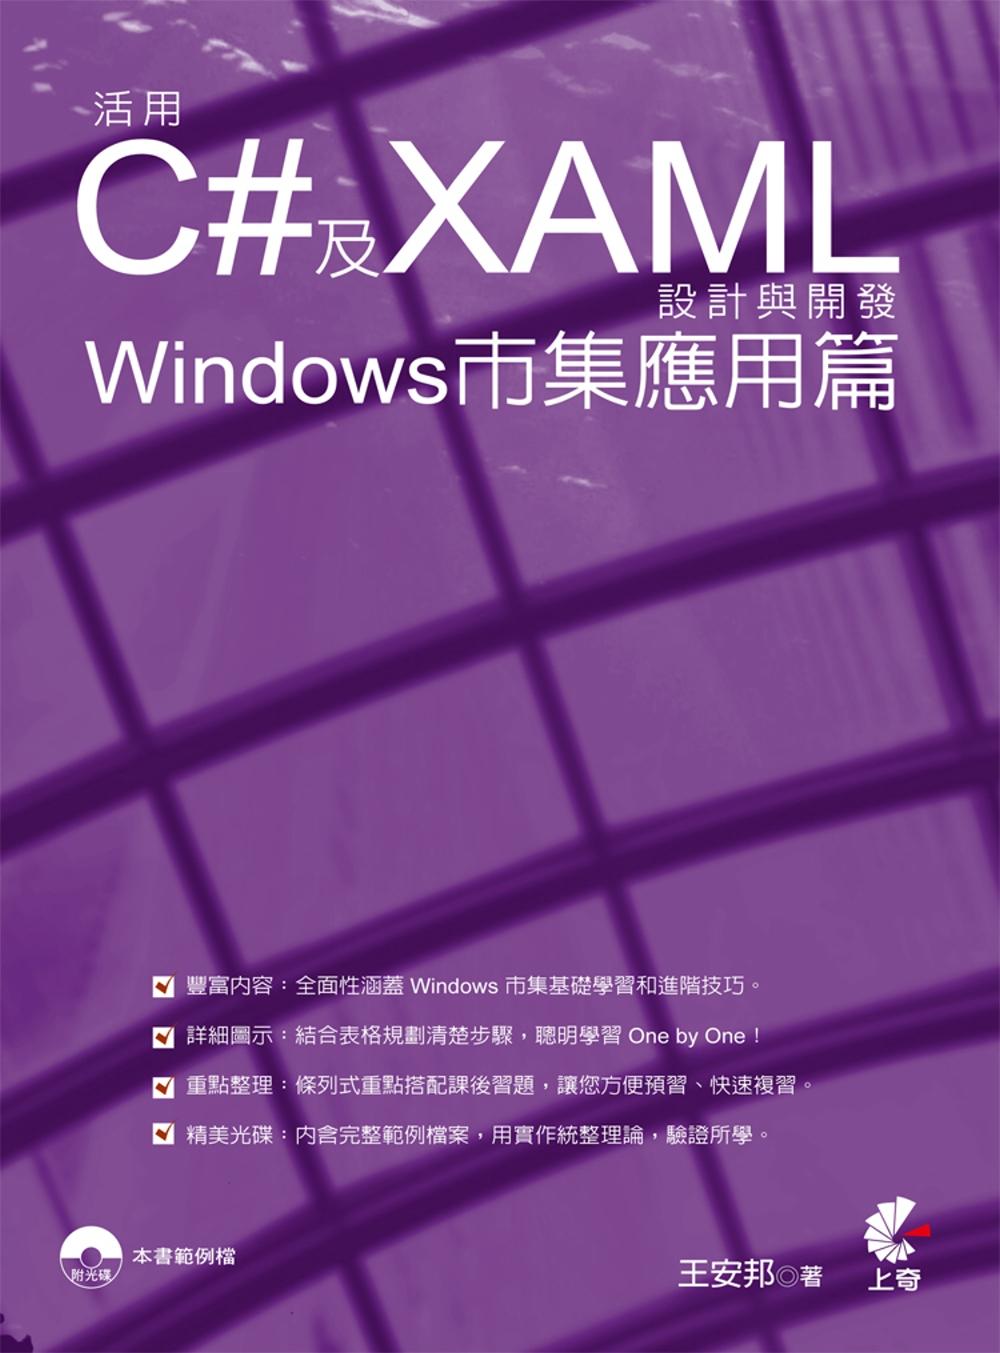 活用C#及XAML設計與開發:Windows市集應用篇